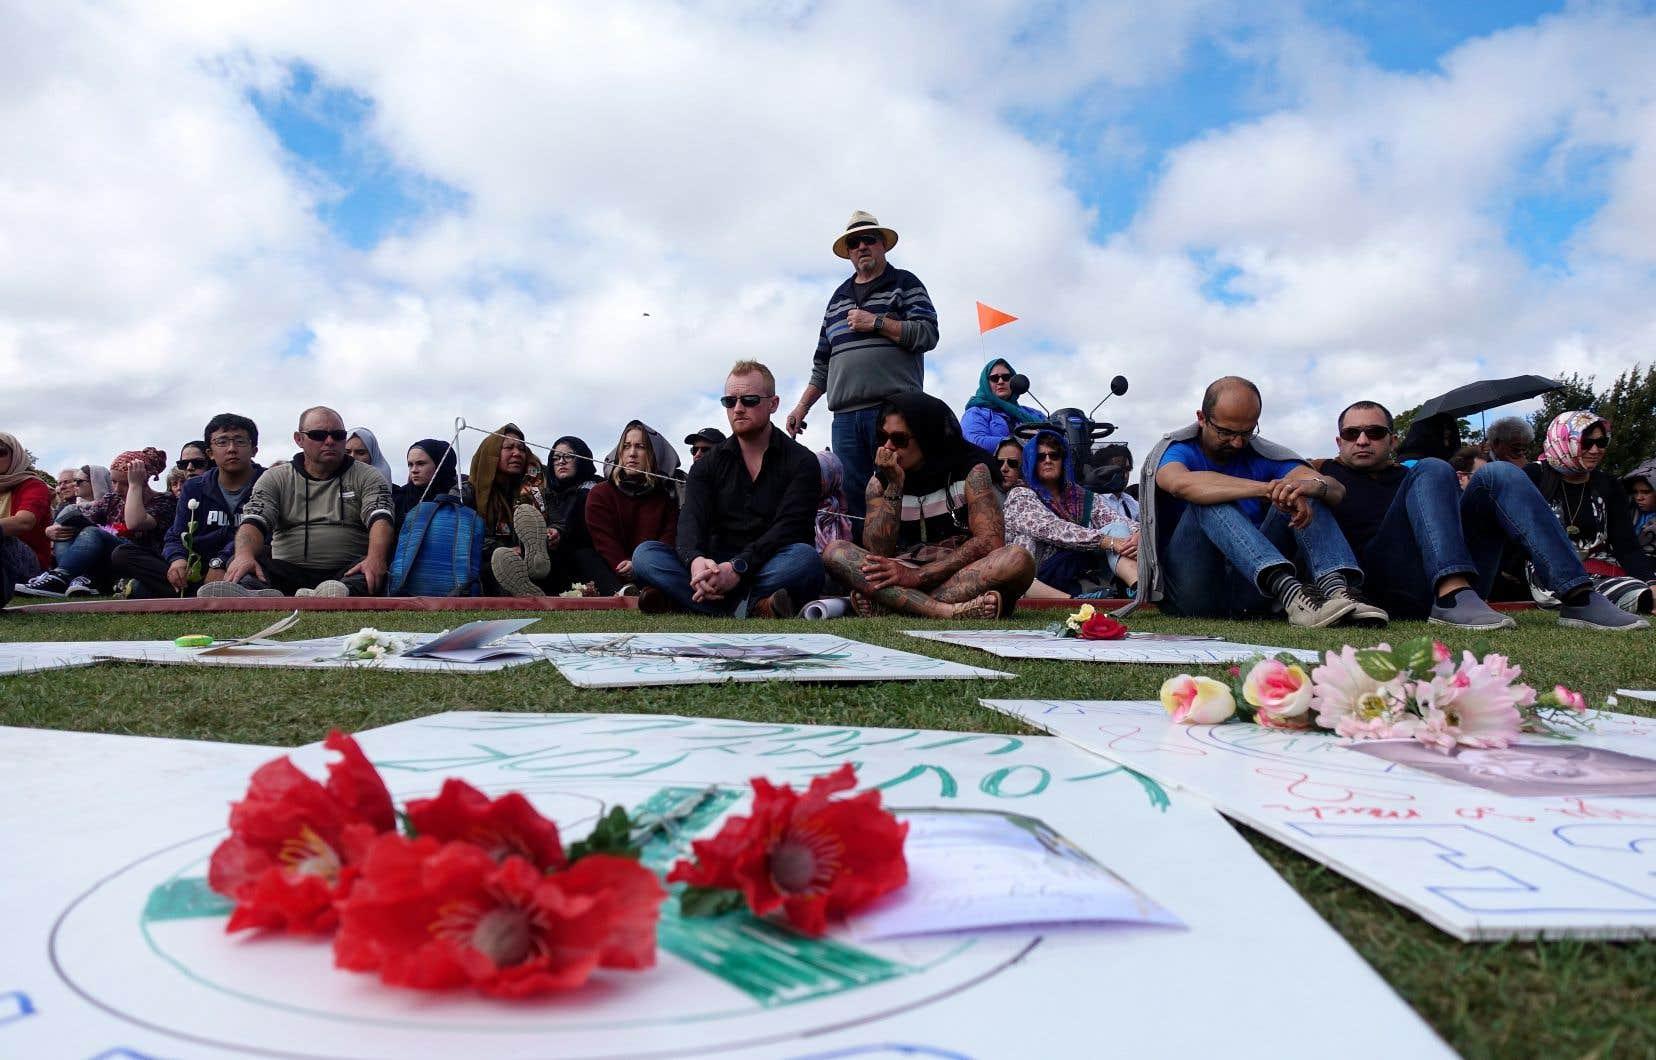 <p>Des milliers de personnesse sont recueillies en silence dans un parc en face de la mosquée al-Nour, la première visée le 15mars par le tueur.</p>